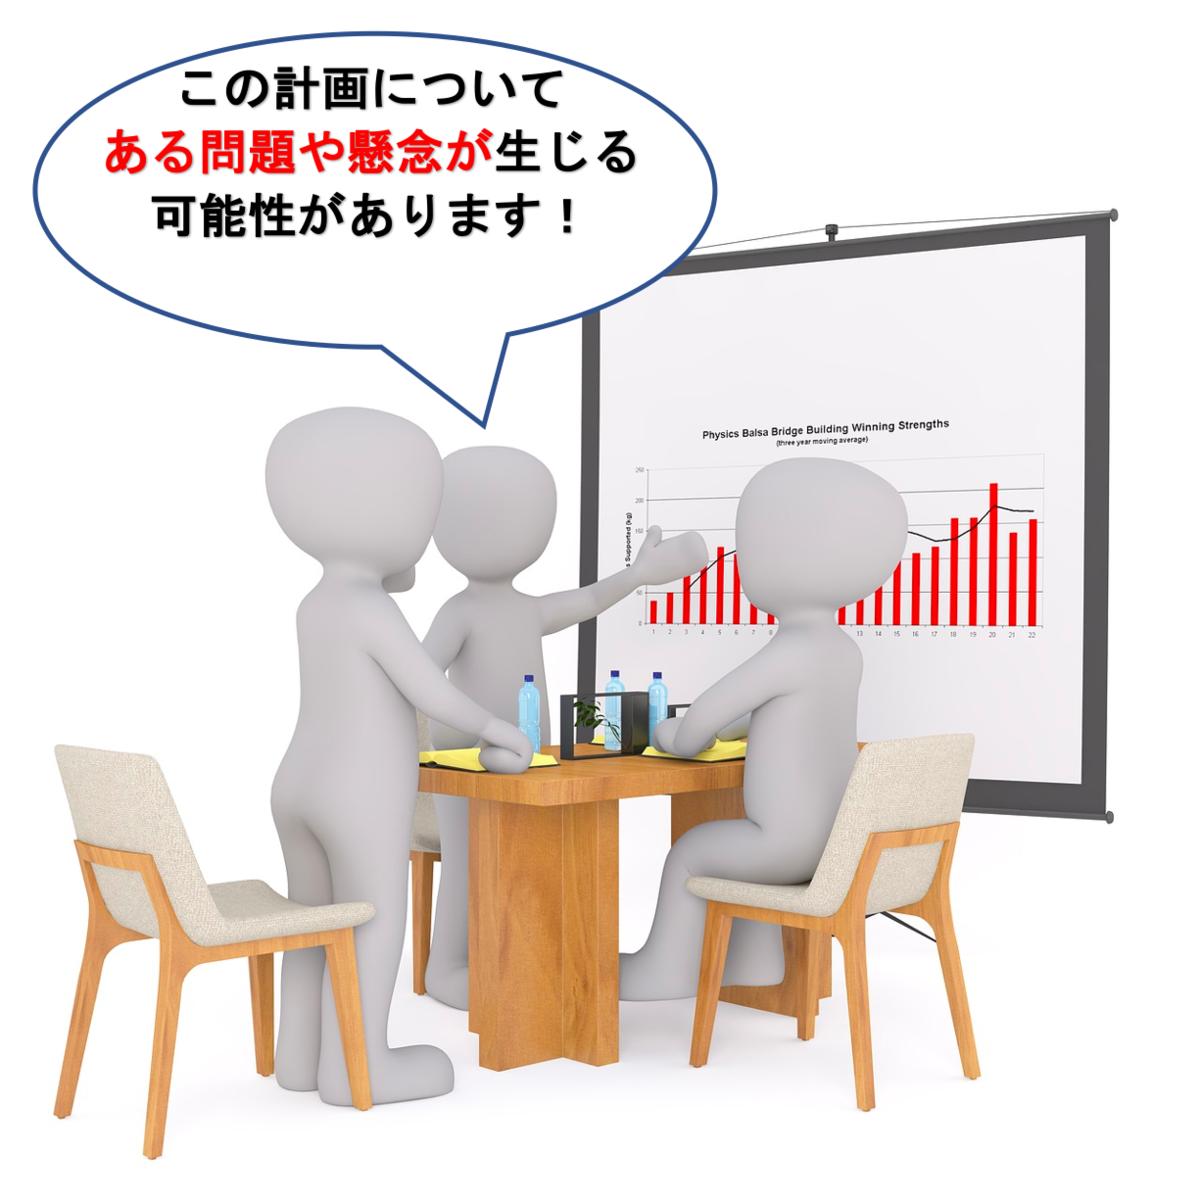 f:id:yurute:20200206001828p:plain